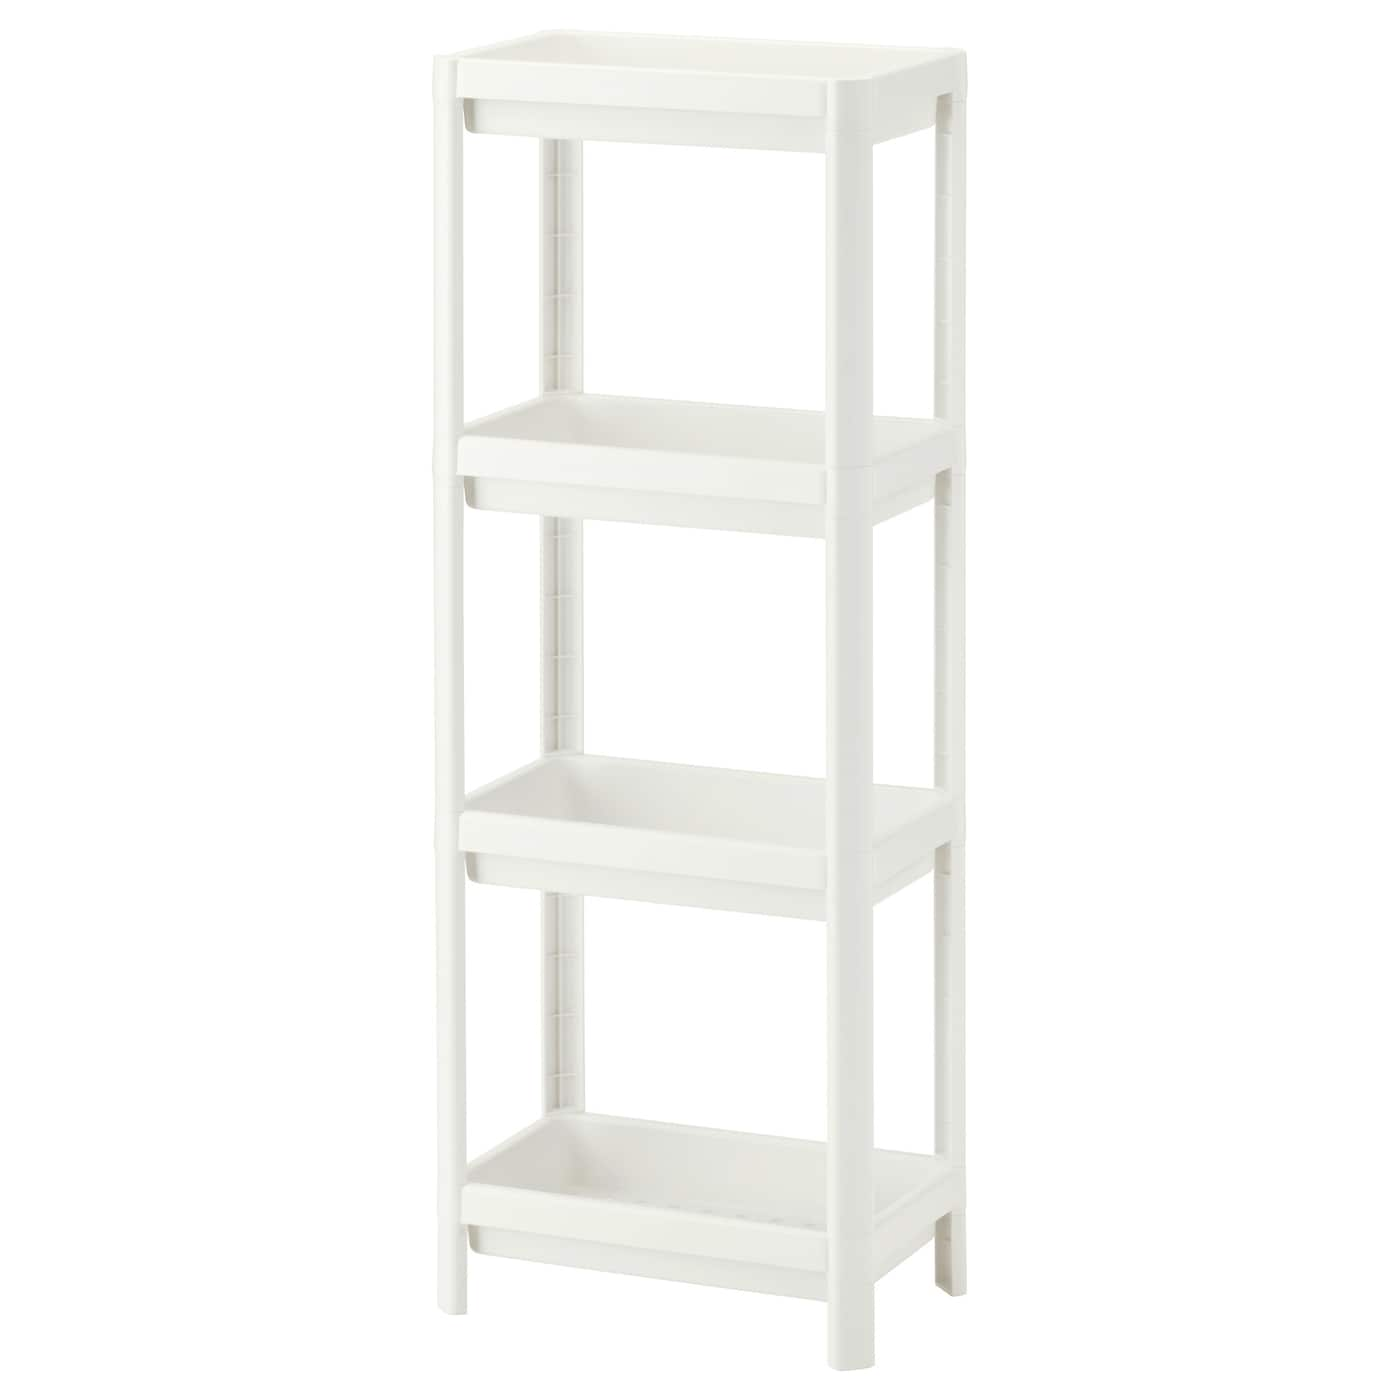 VESKEN Open kast Wit 36x100 cm - IKEA